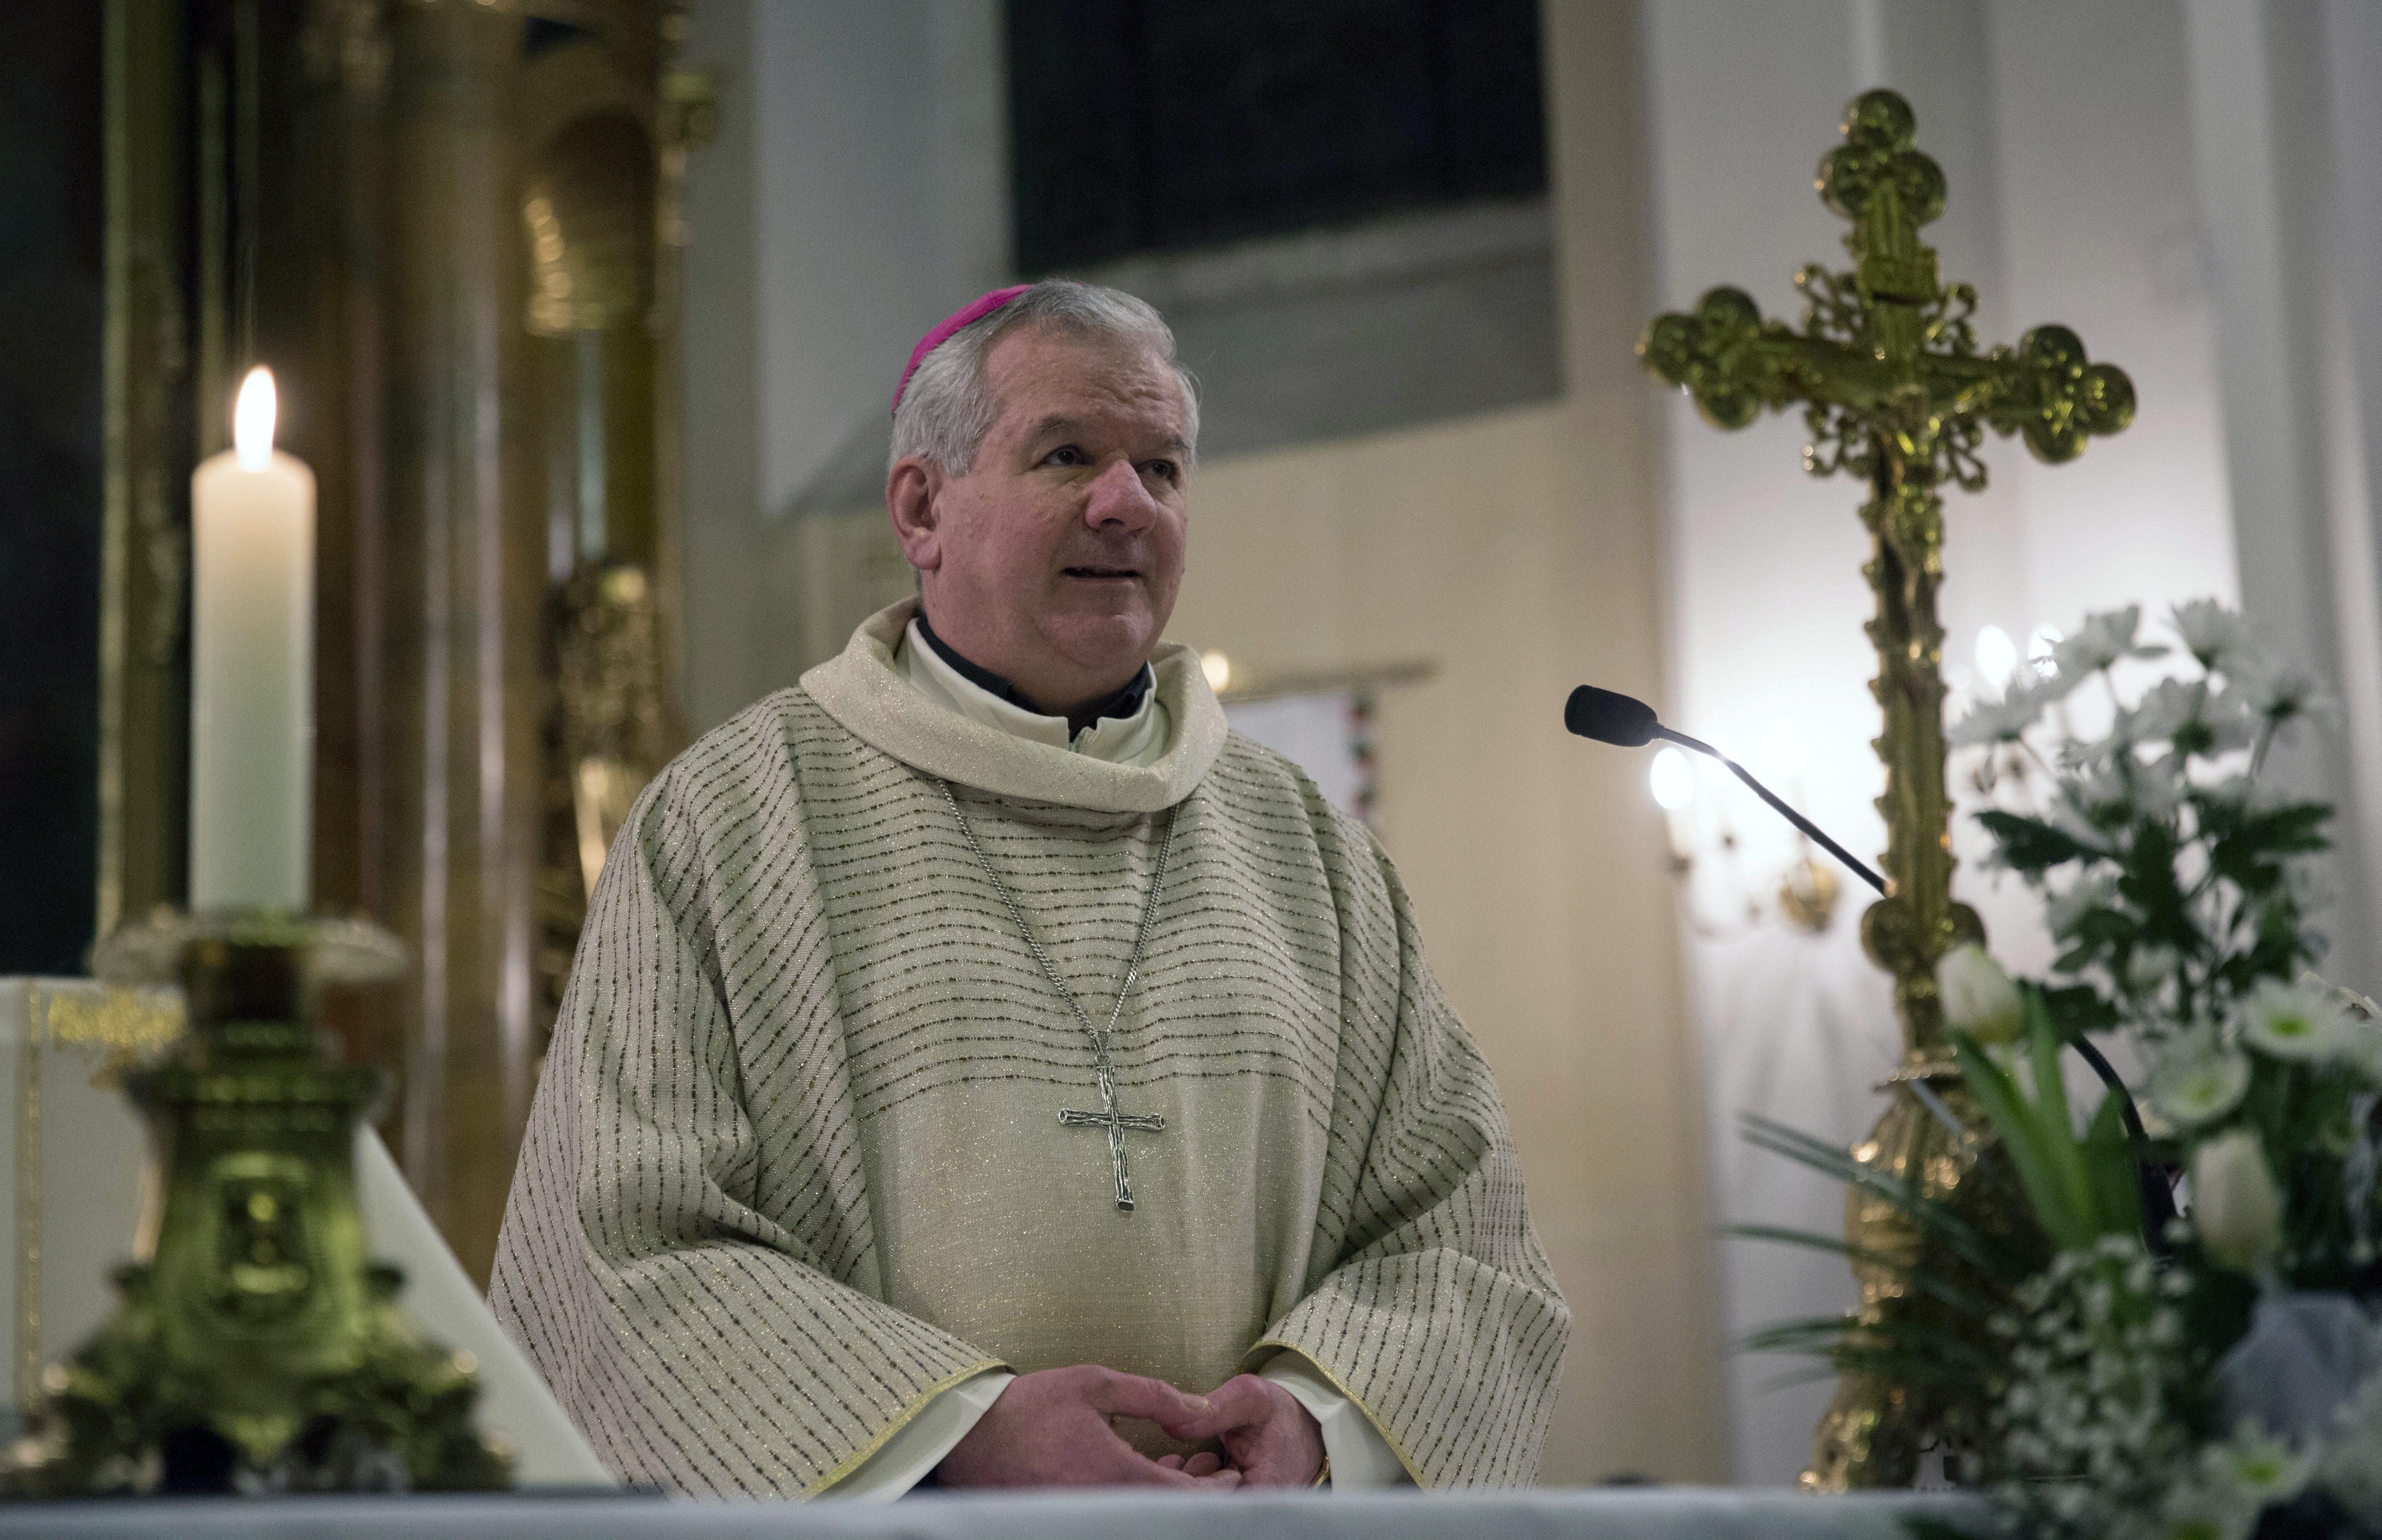 Semmilyen büntetés nem vár a papra, aki az egyházi vizsgálat szerint is molesztált